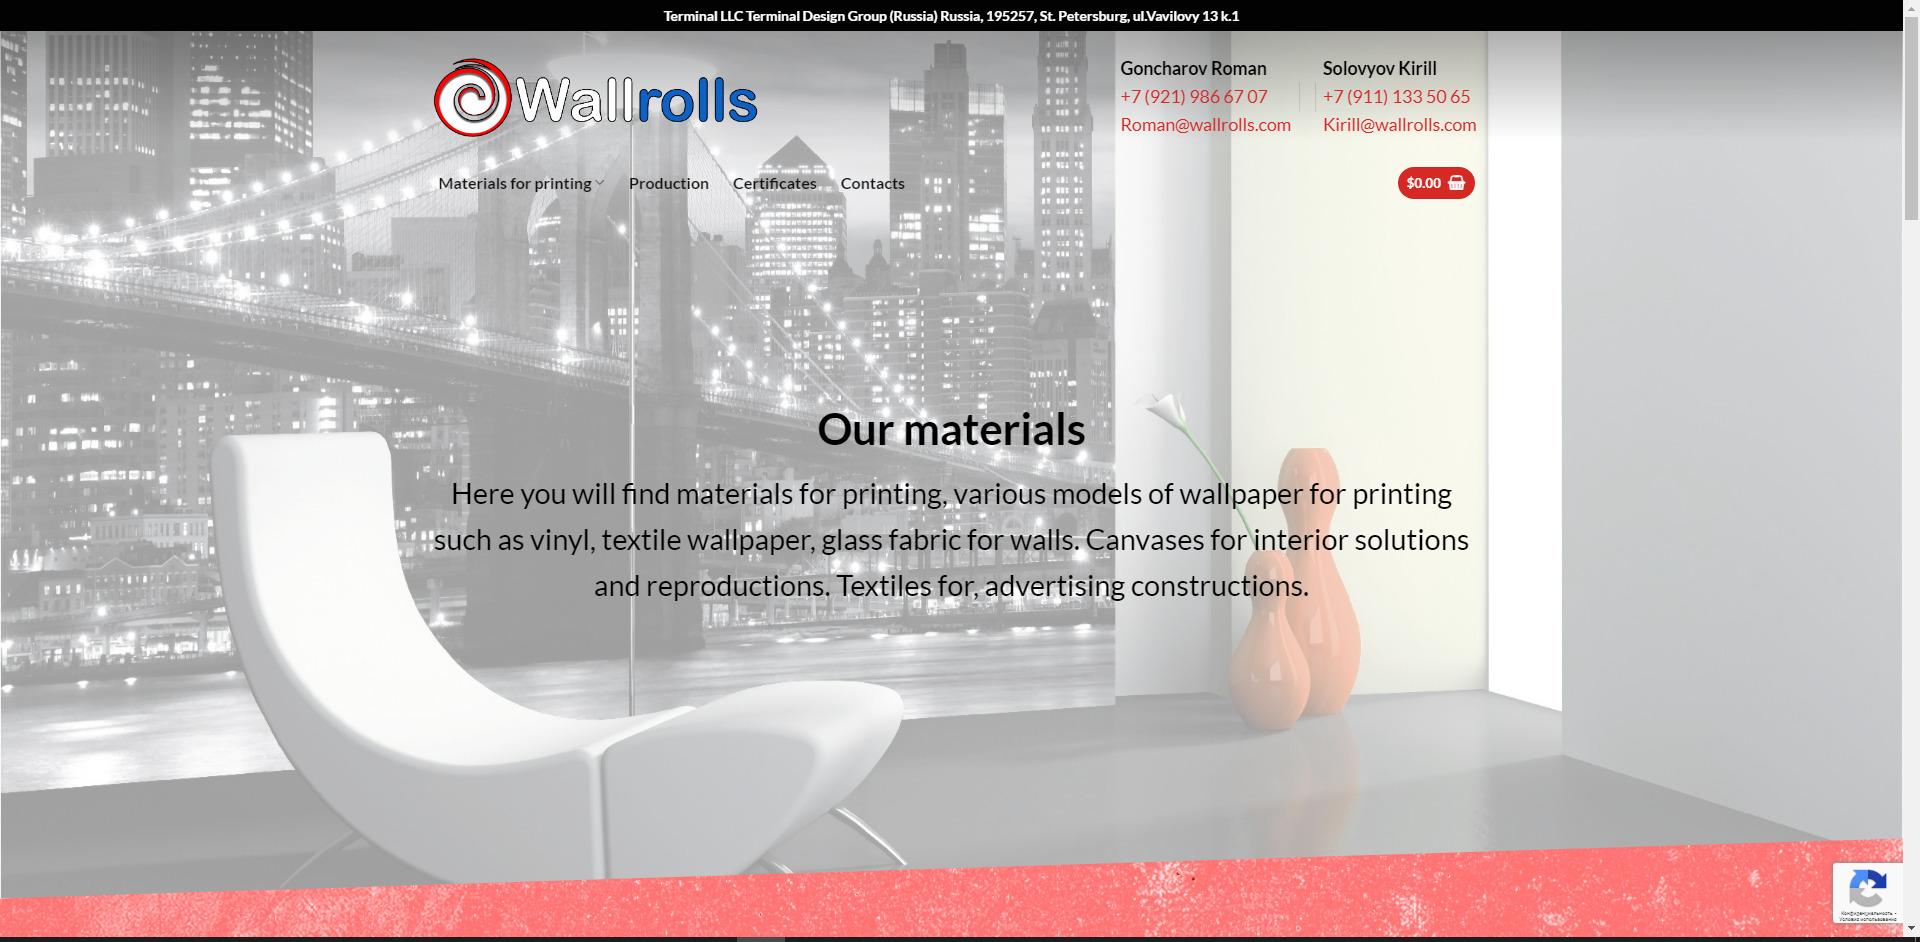 wallrolls.com